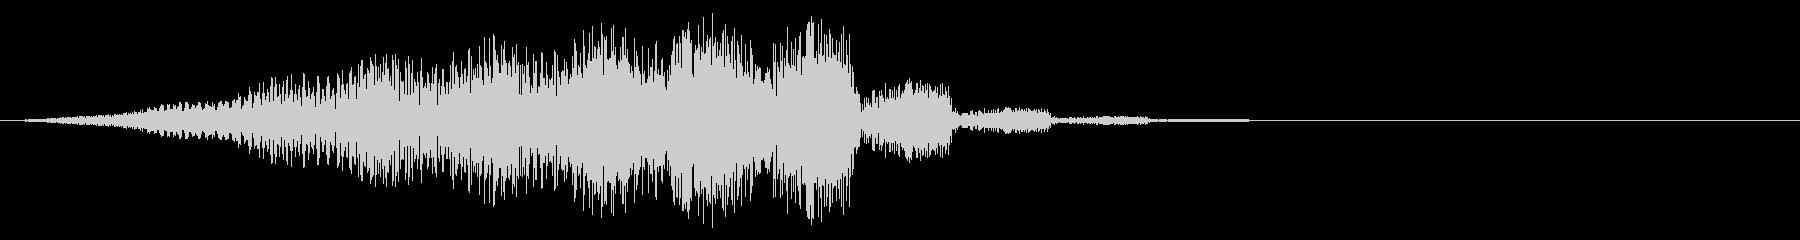 ムクムクと大きくなる/膨らむコミカルな音の未再生の波形